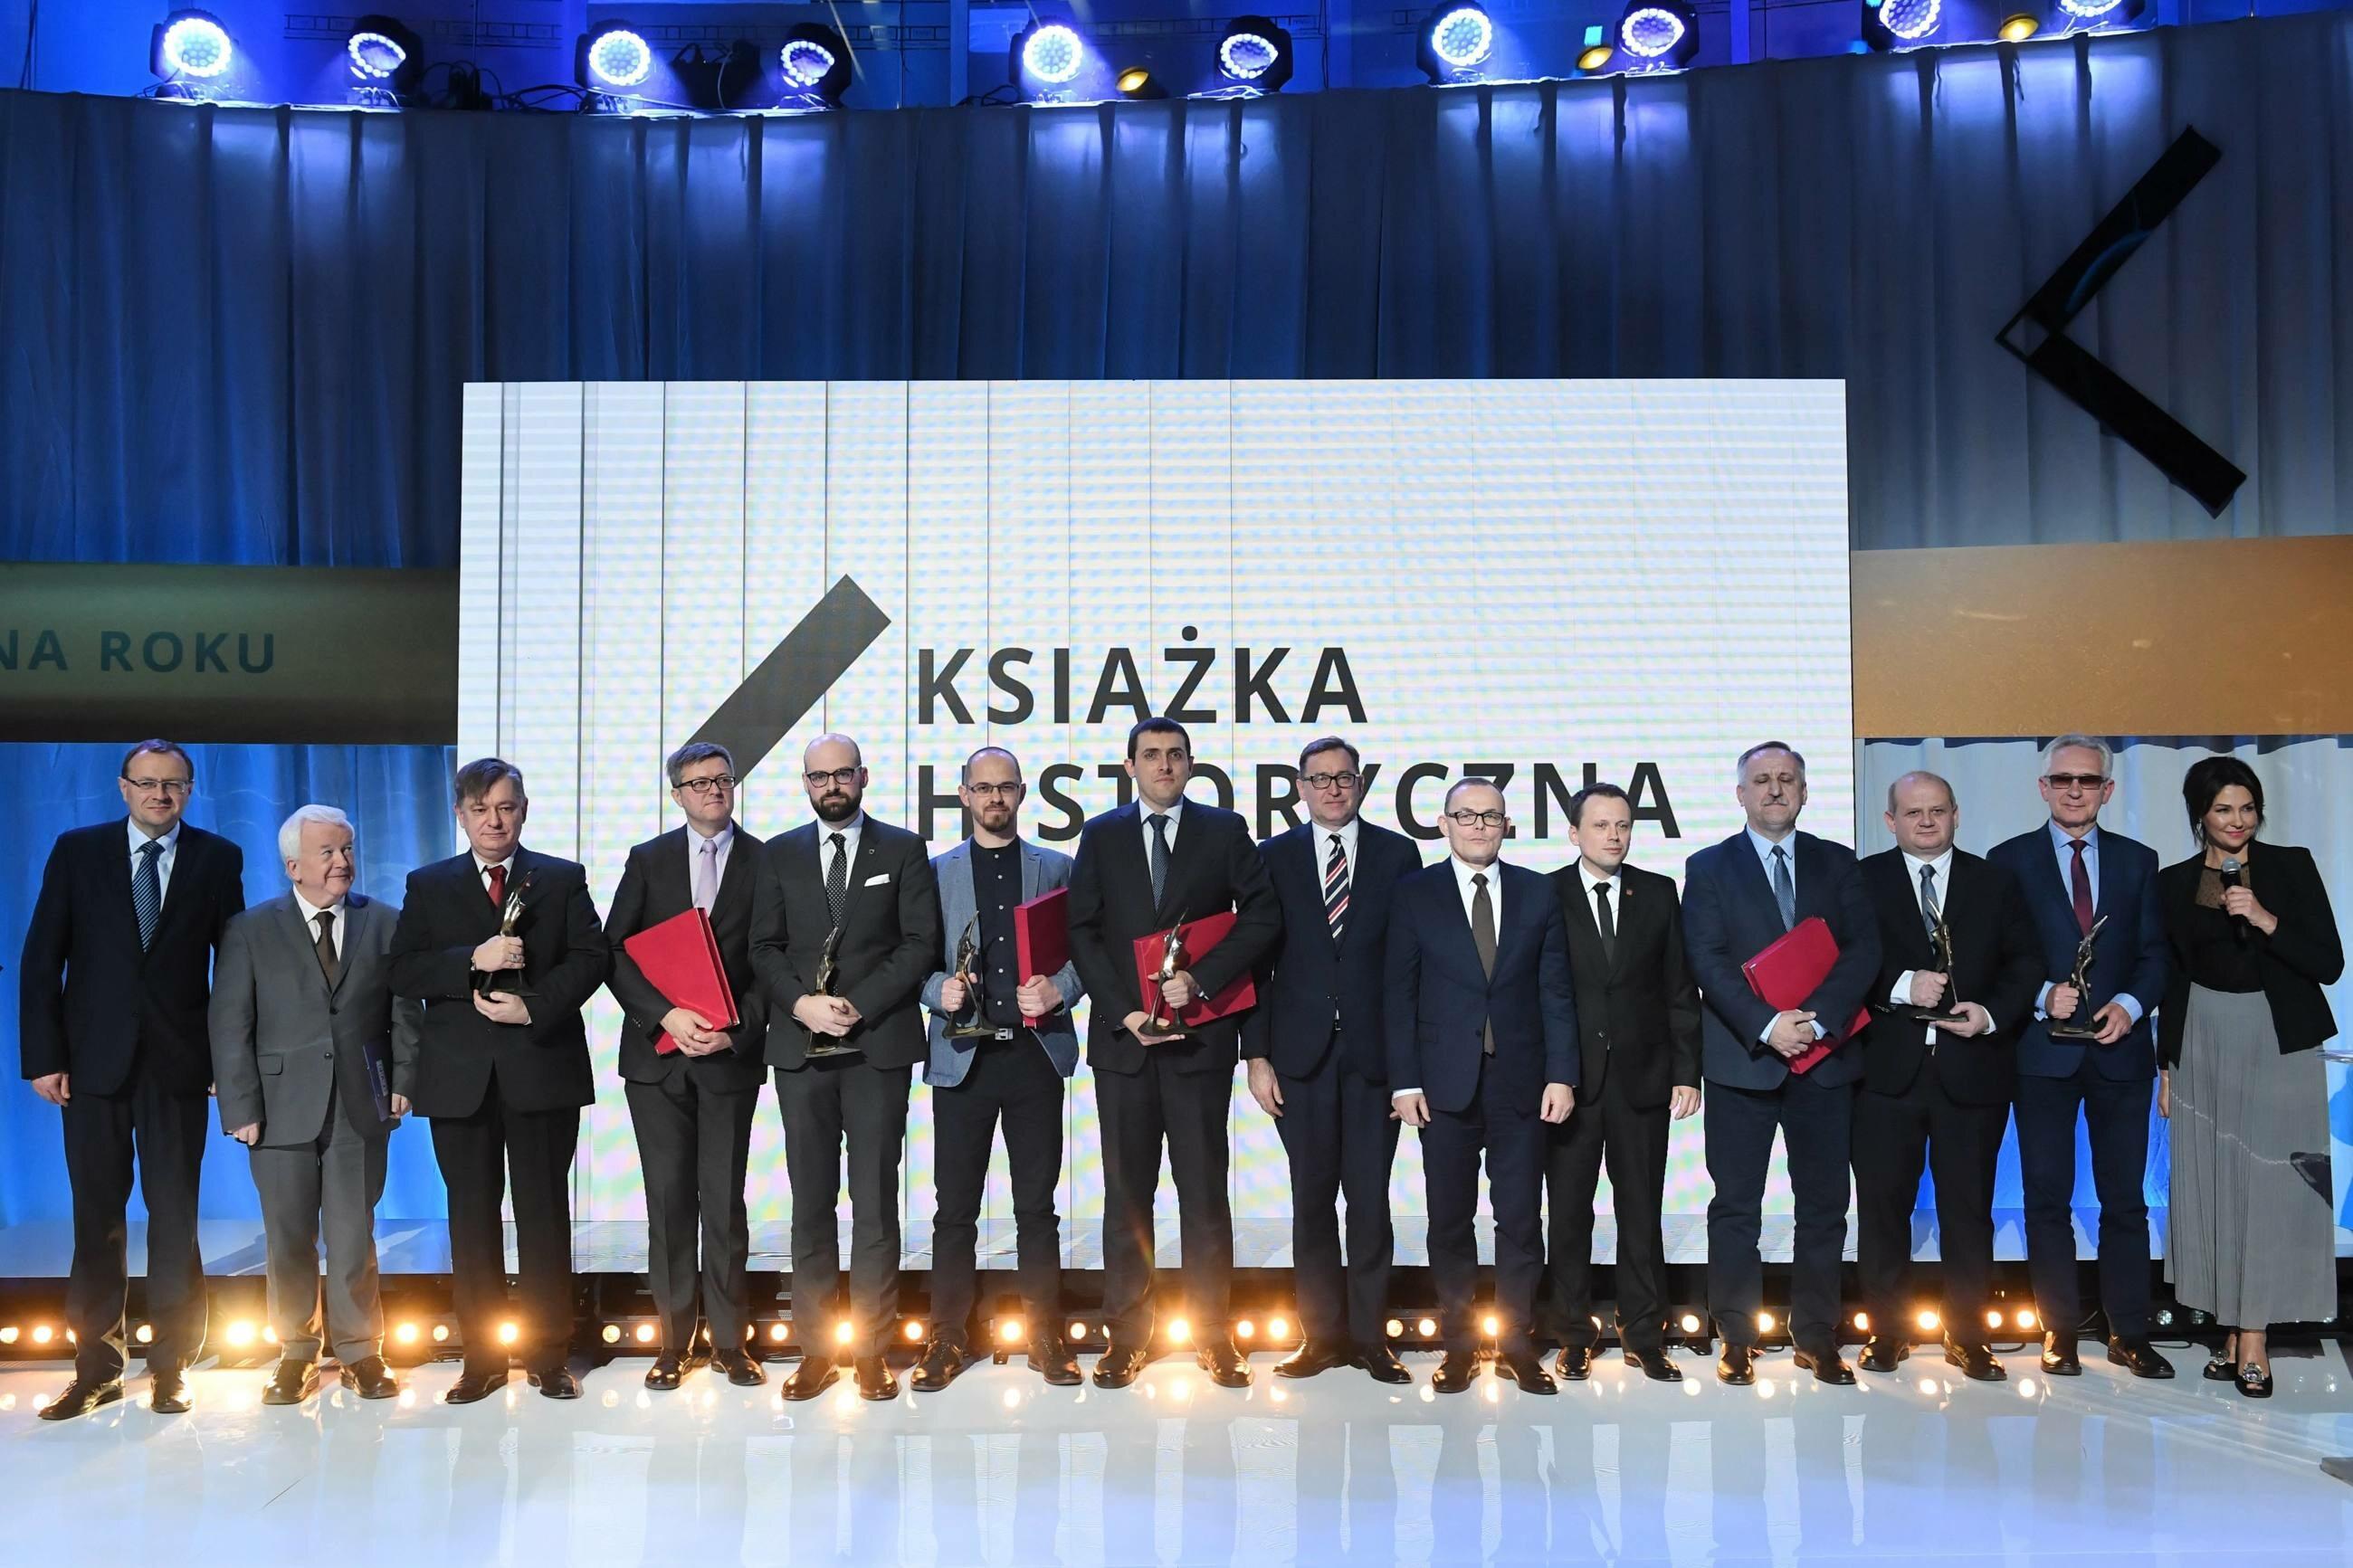 """Laureaci podczas gali rozstrzygnięcia konkursu """"Książka Historyczna Roku"""" im. Oskara Haleckiego"""